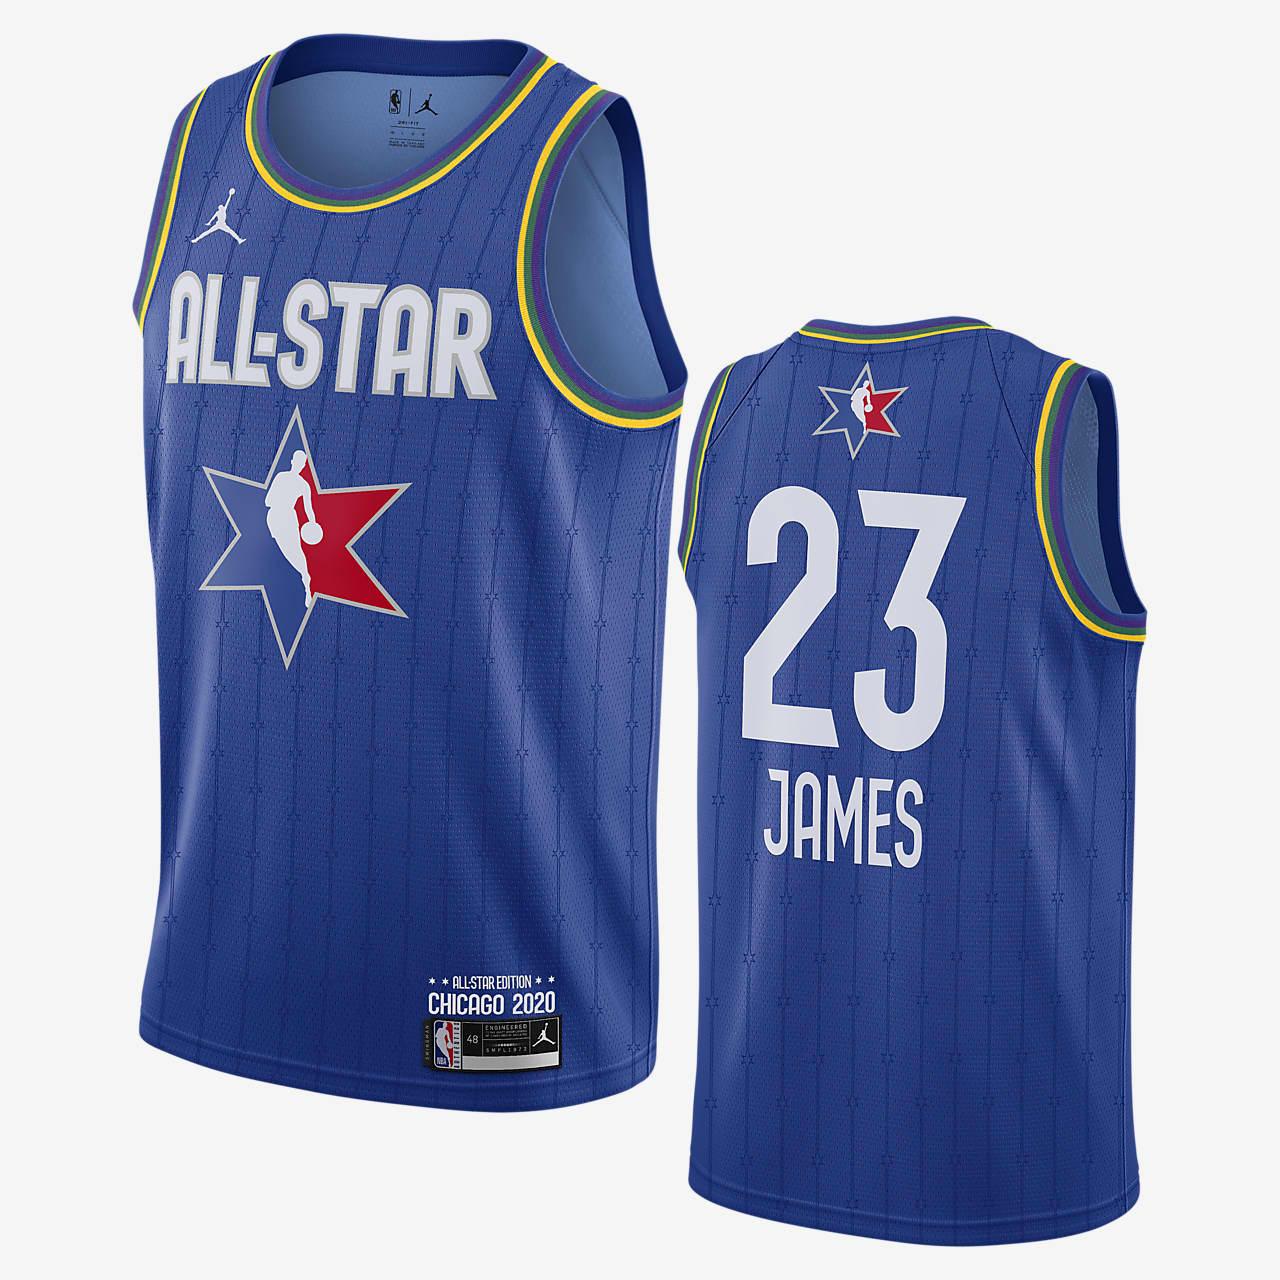 レブロン ジェームズ オールスター ジョーダン NBA スウィングマン ジャージー